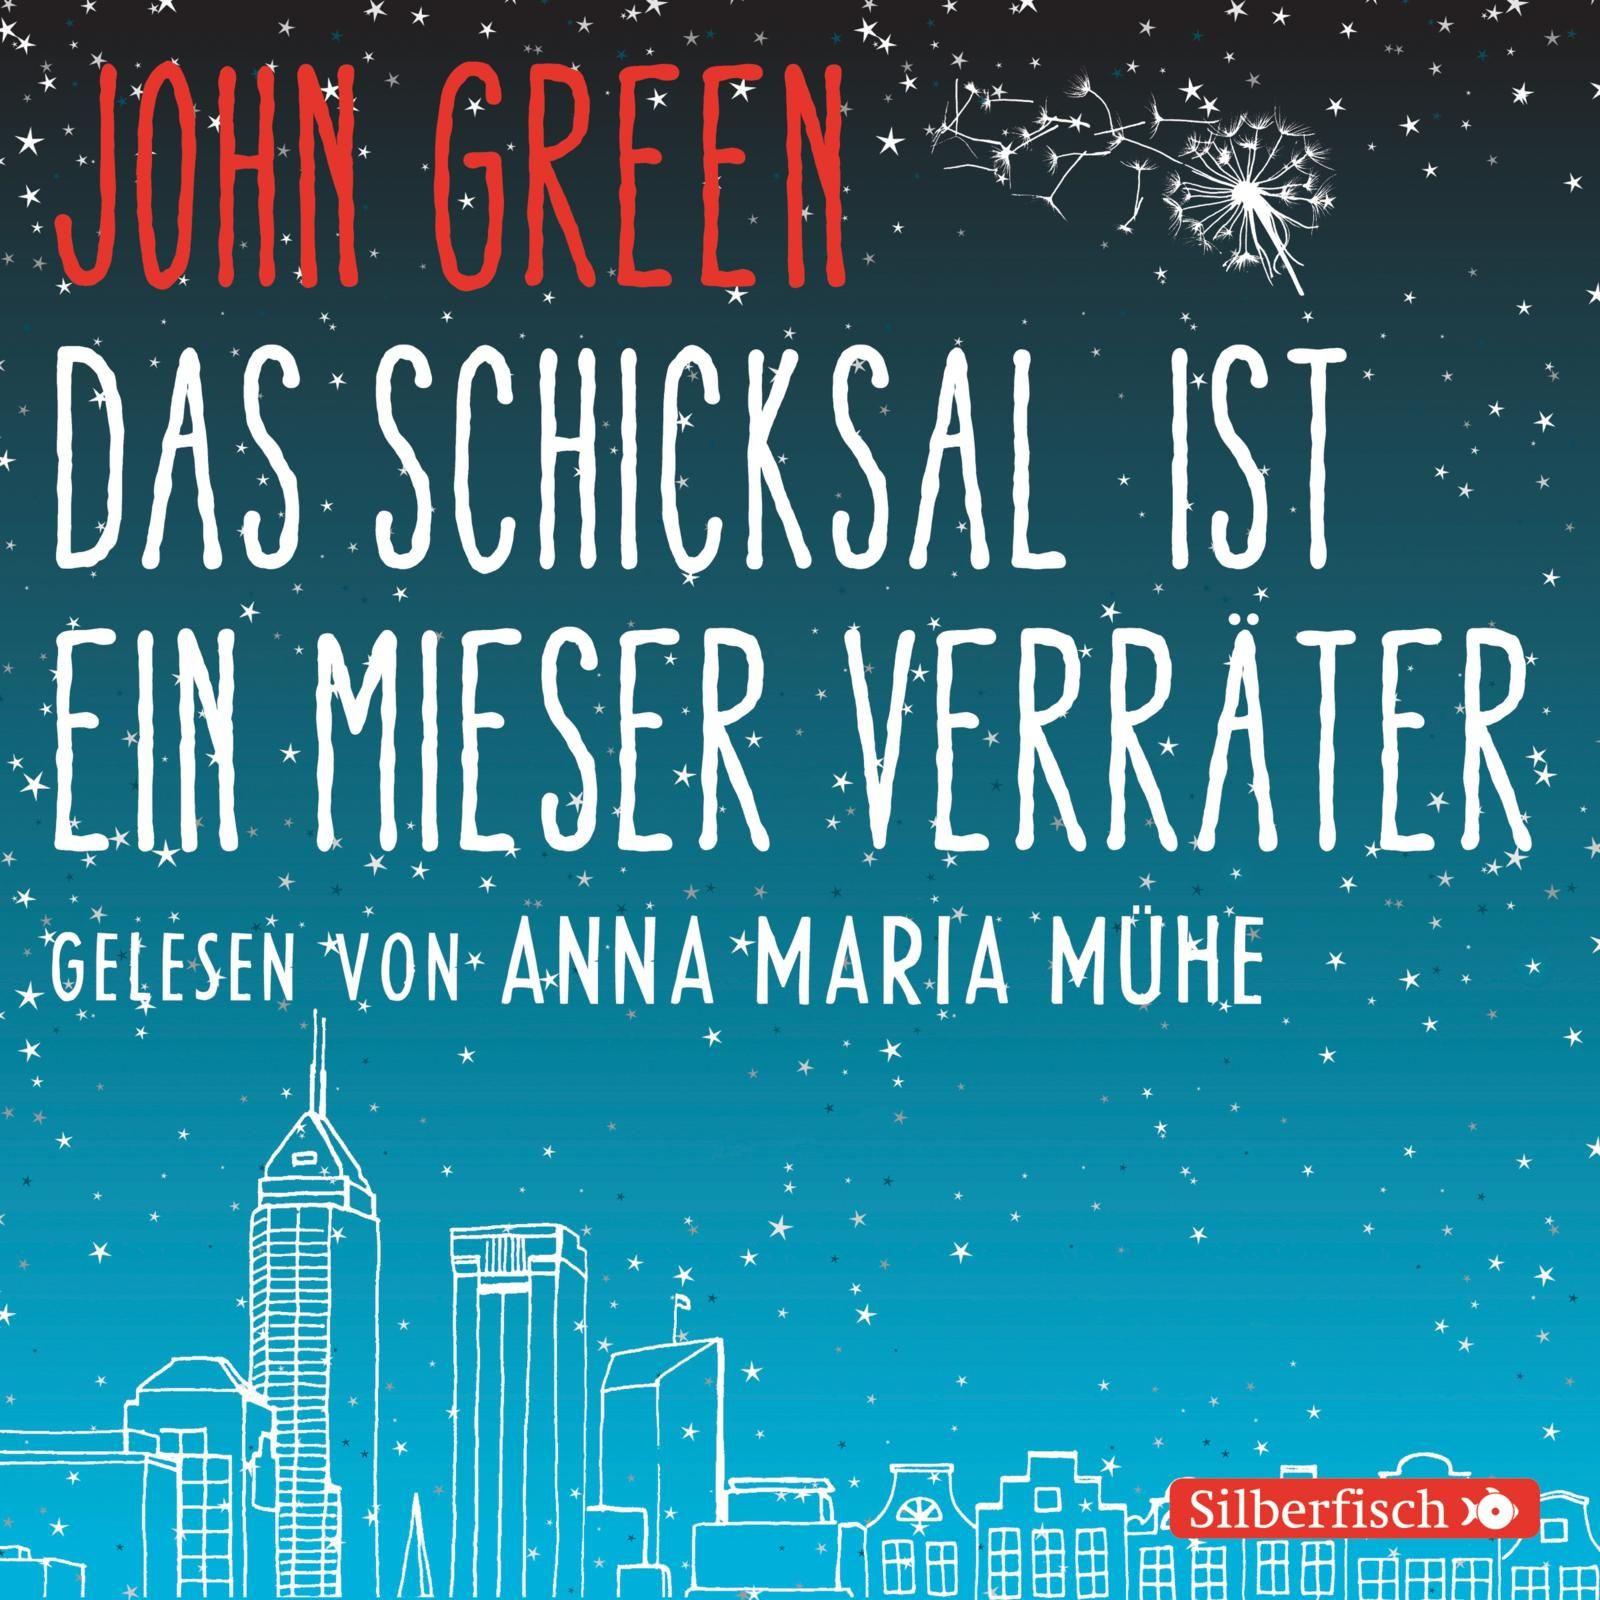 John Green - Das Schicksal ist ein mieser Verräter